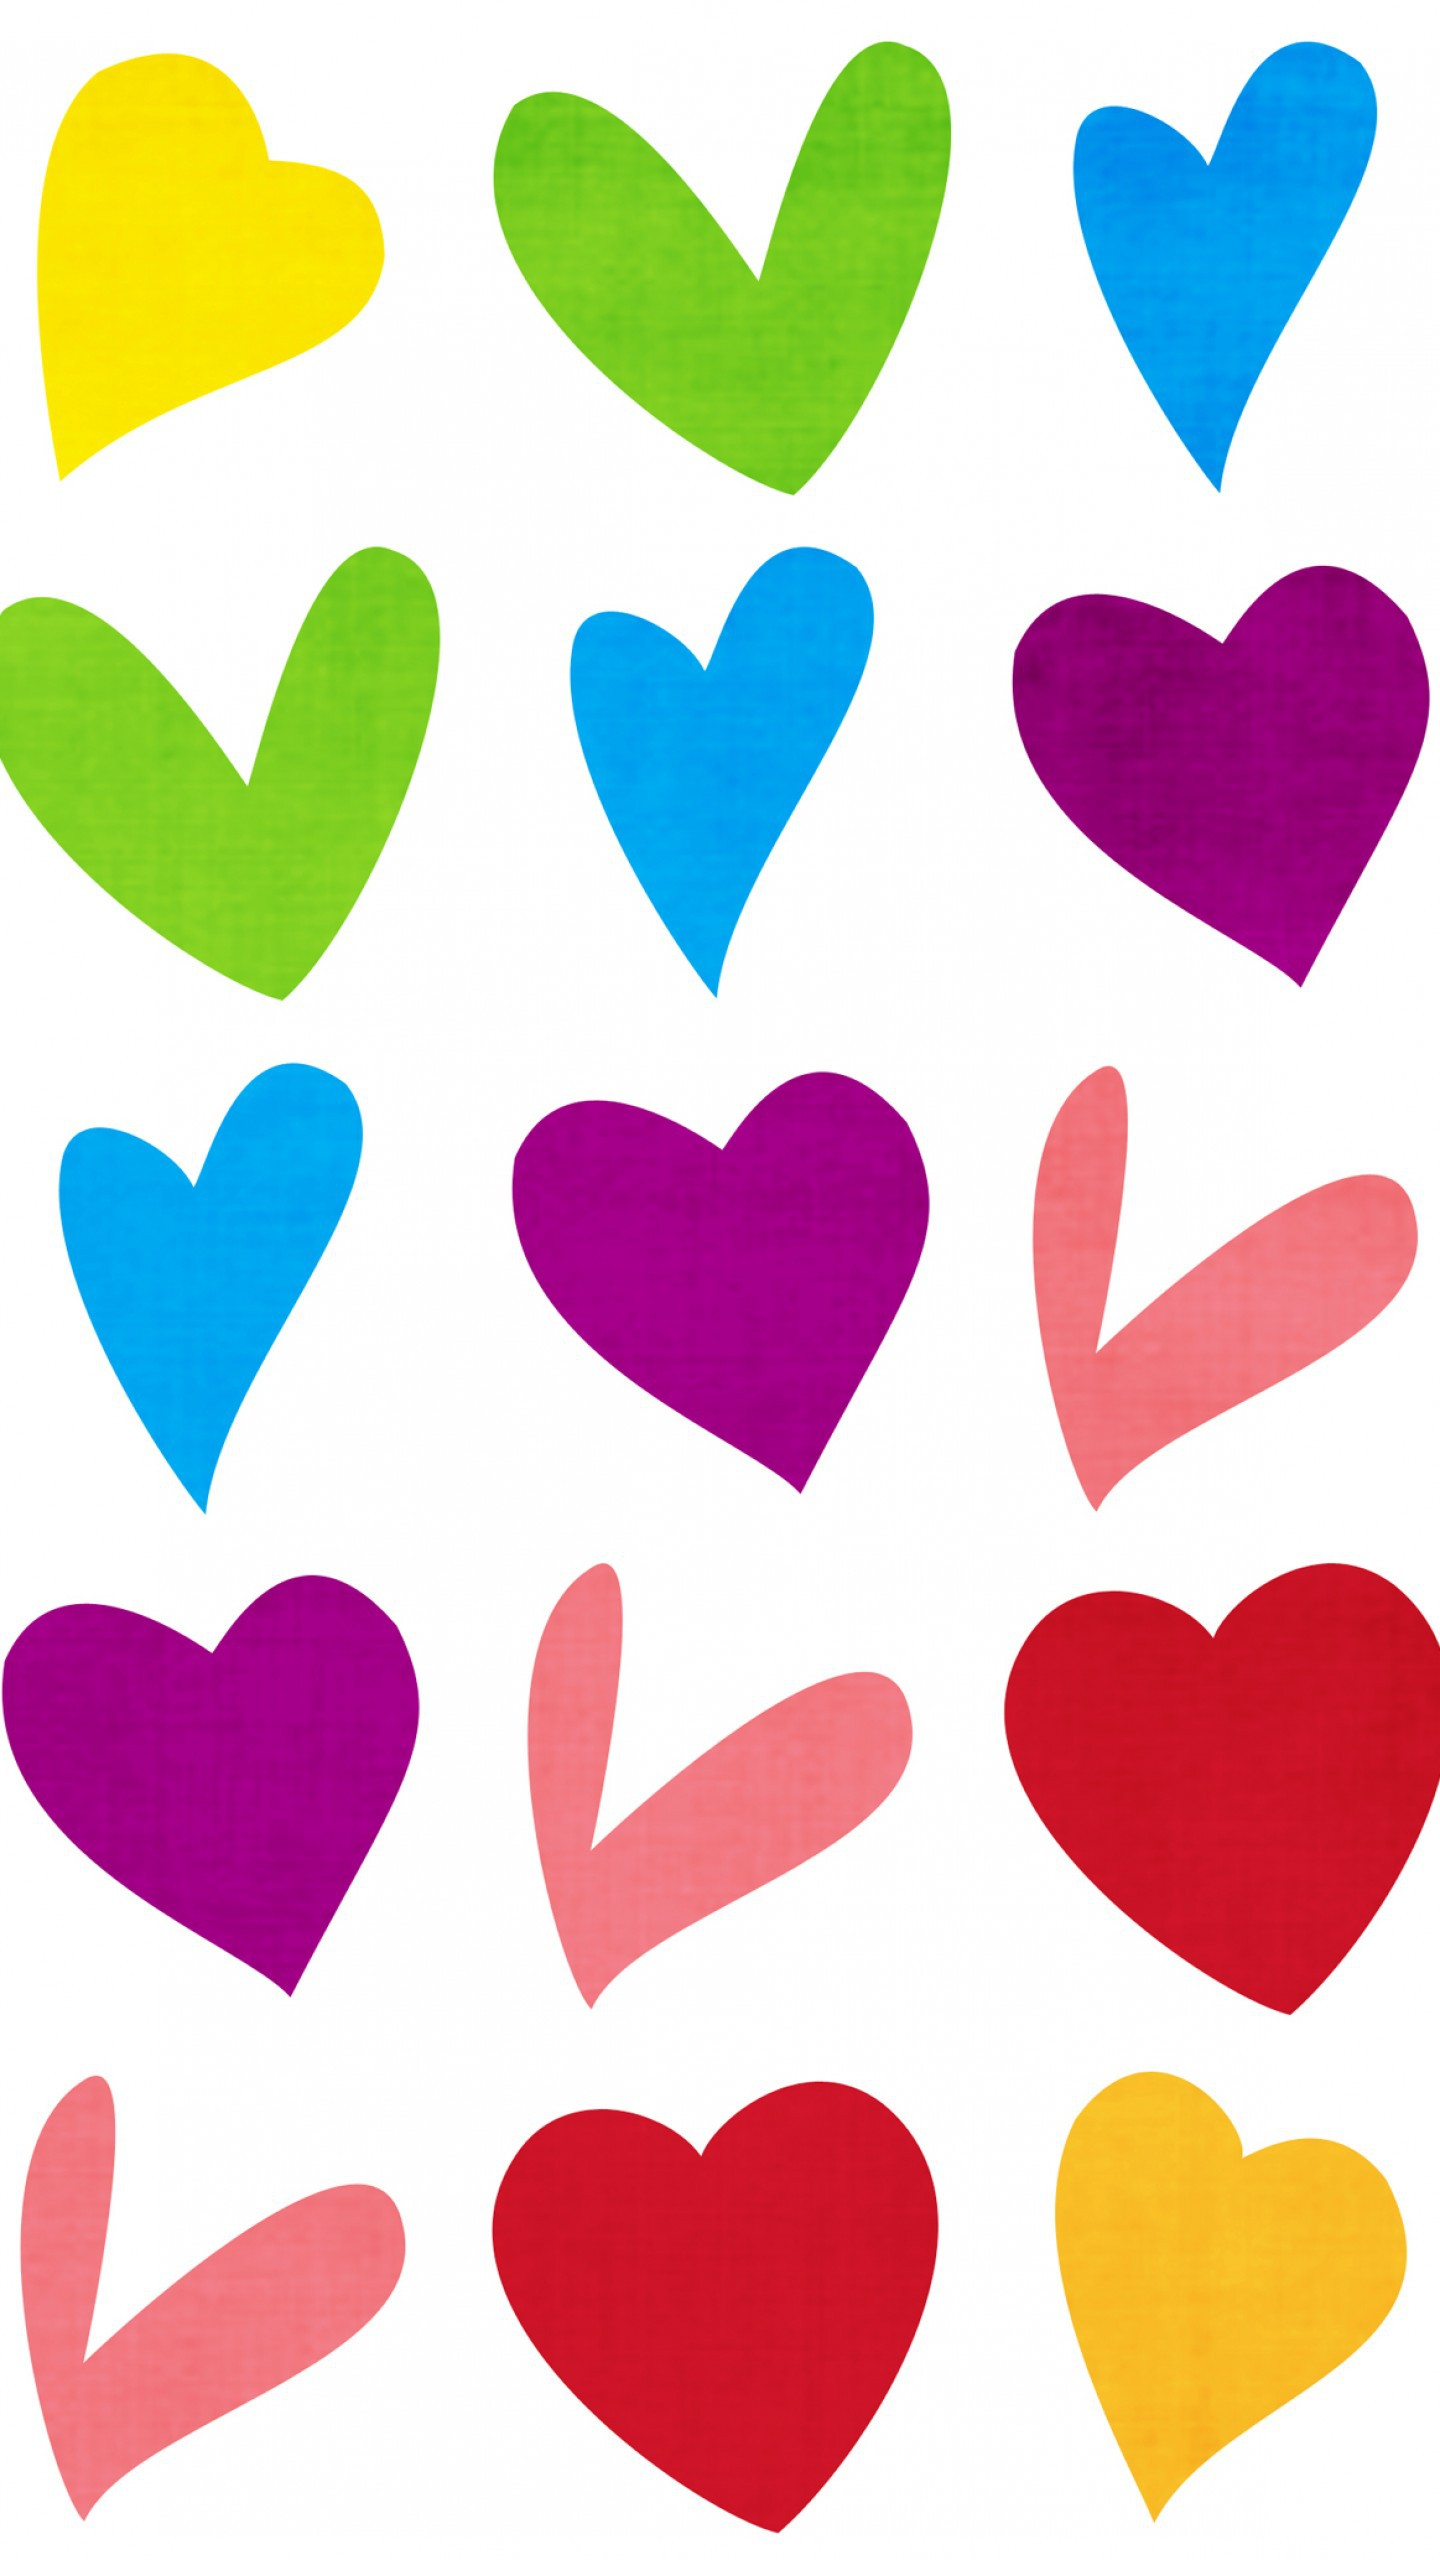 عکس زمینه قلب های رنگارنگ عاشقانه پس زمینه